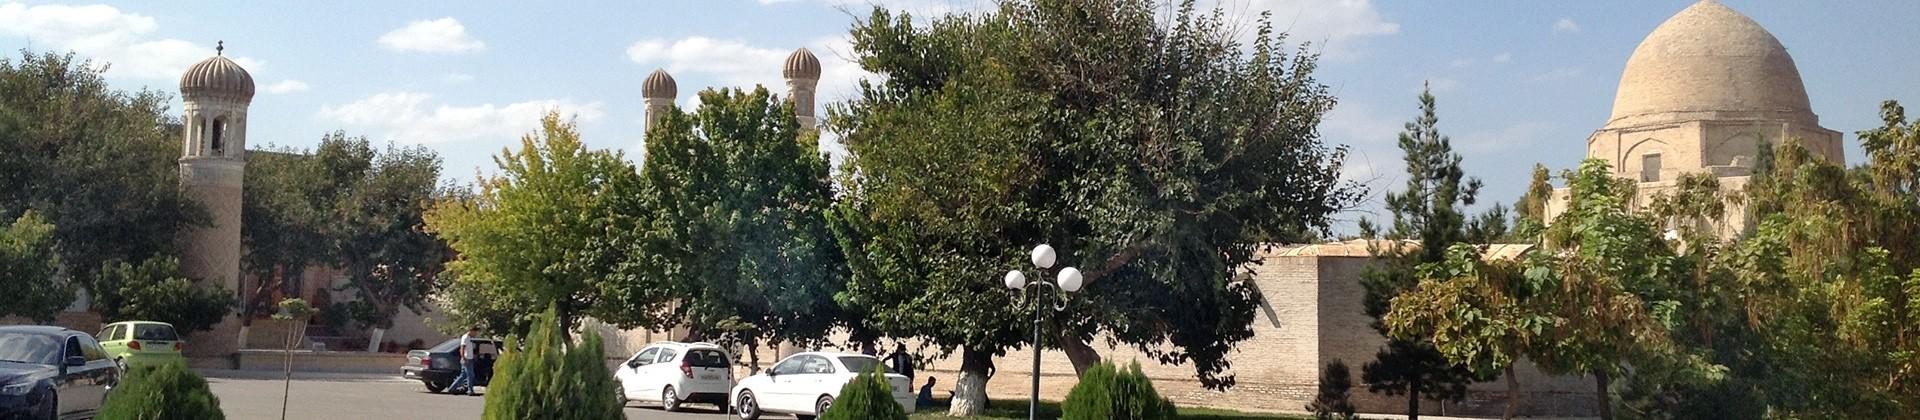 Rukhabad Mausoleum - 1